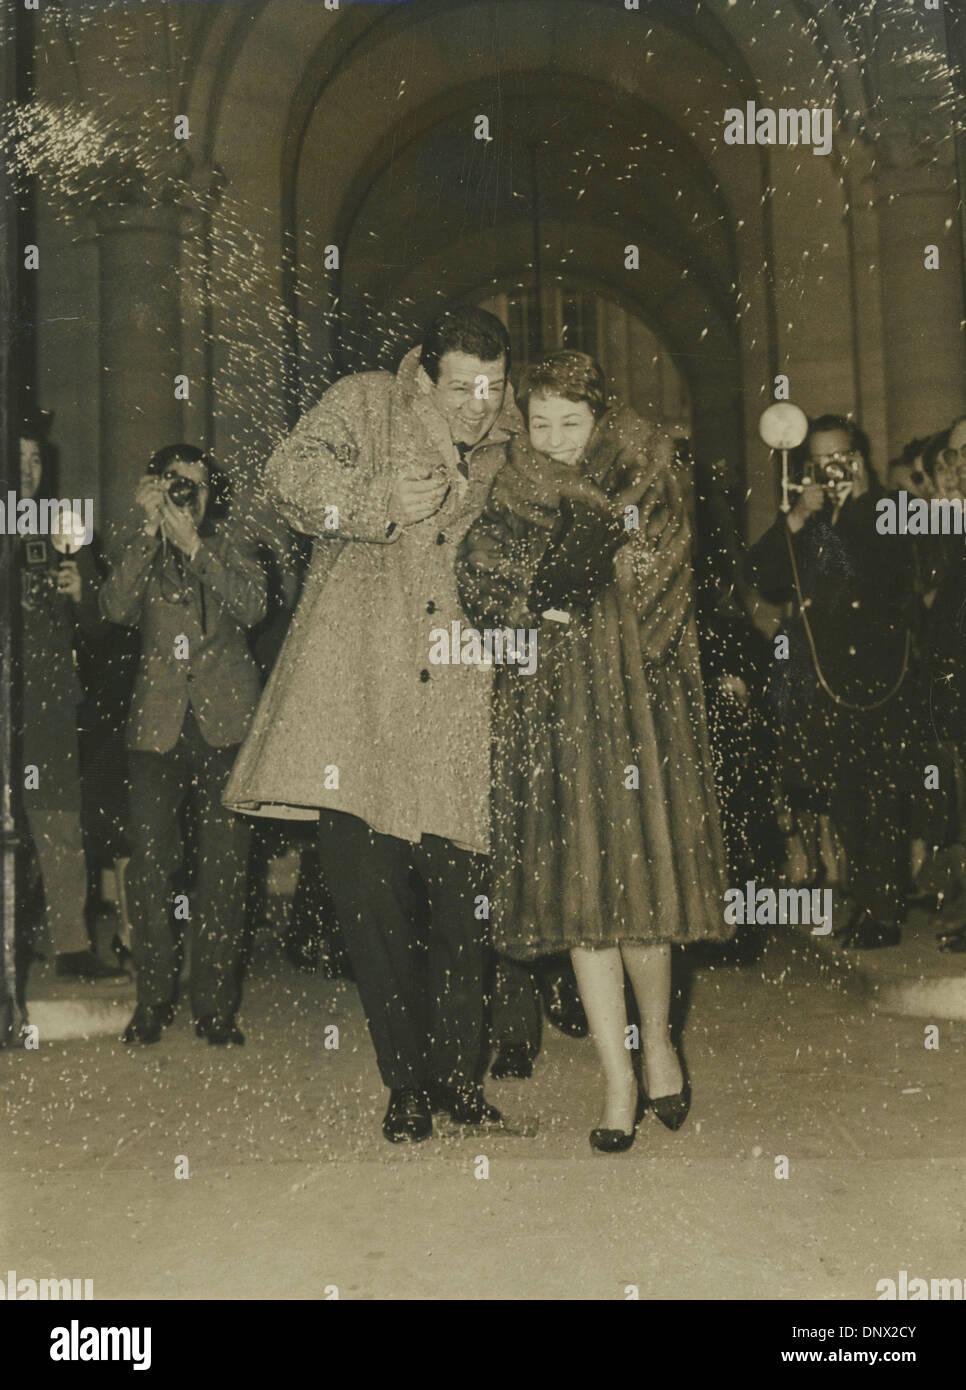 Jan 06, 1962 - Roma, Italia - RENATO SALVATORI y su nueva esposa Annie Girardot deje ayuntamiento mientras el arroz blanco son lanzados en el aire. (Crédito de la Imagen: © KEYSTONE Pictures/ZUMAPRESS.com) Foto de stock